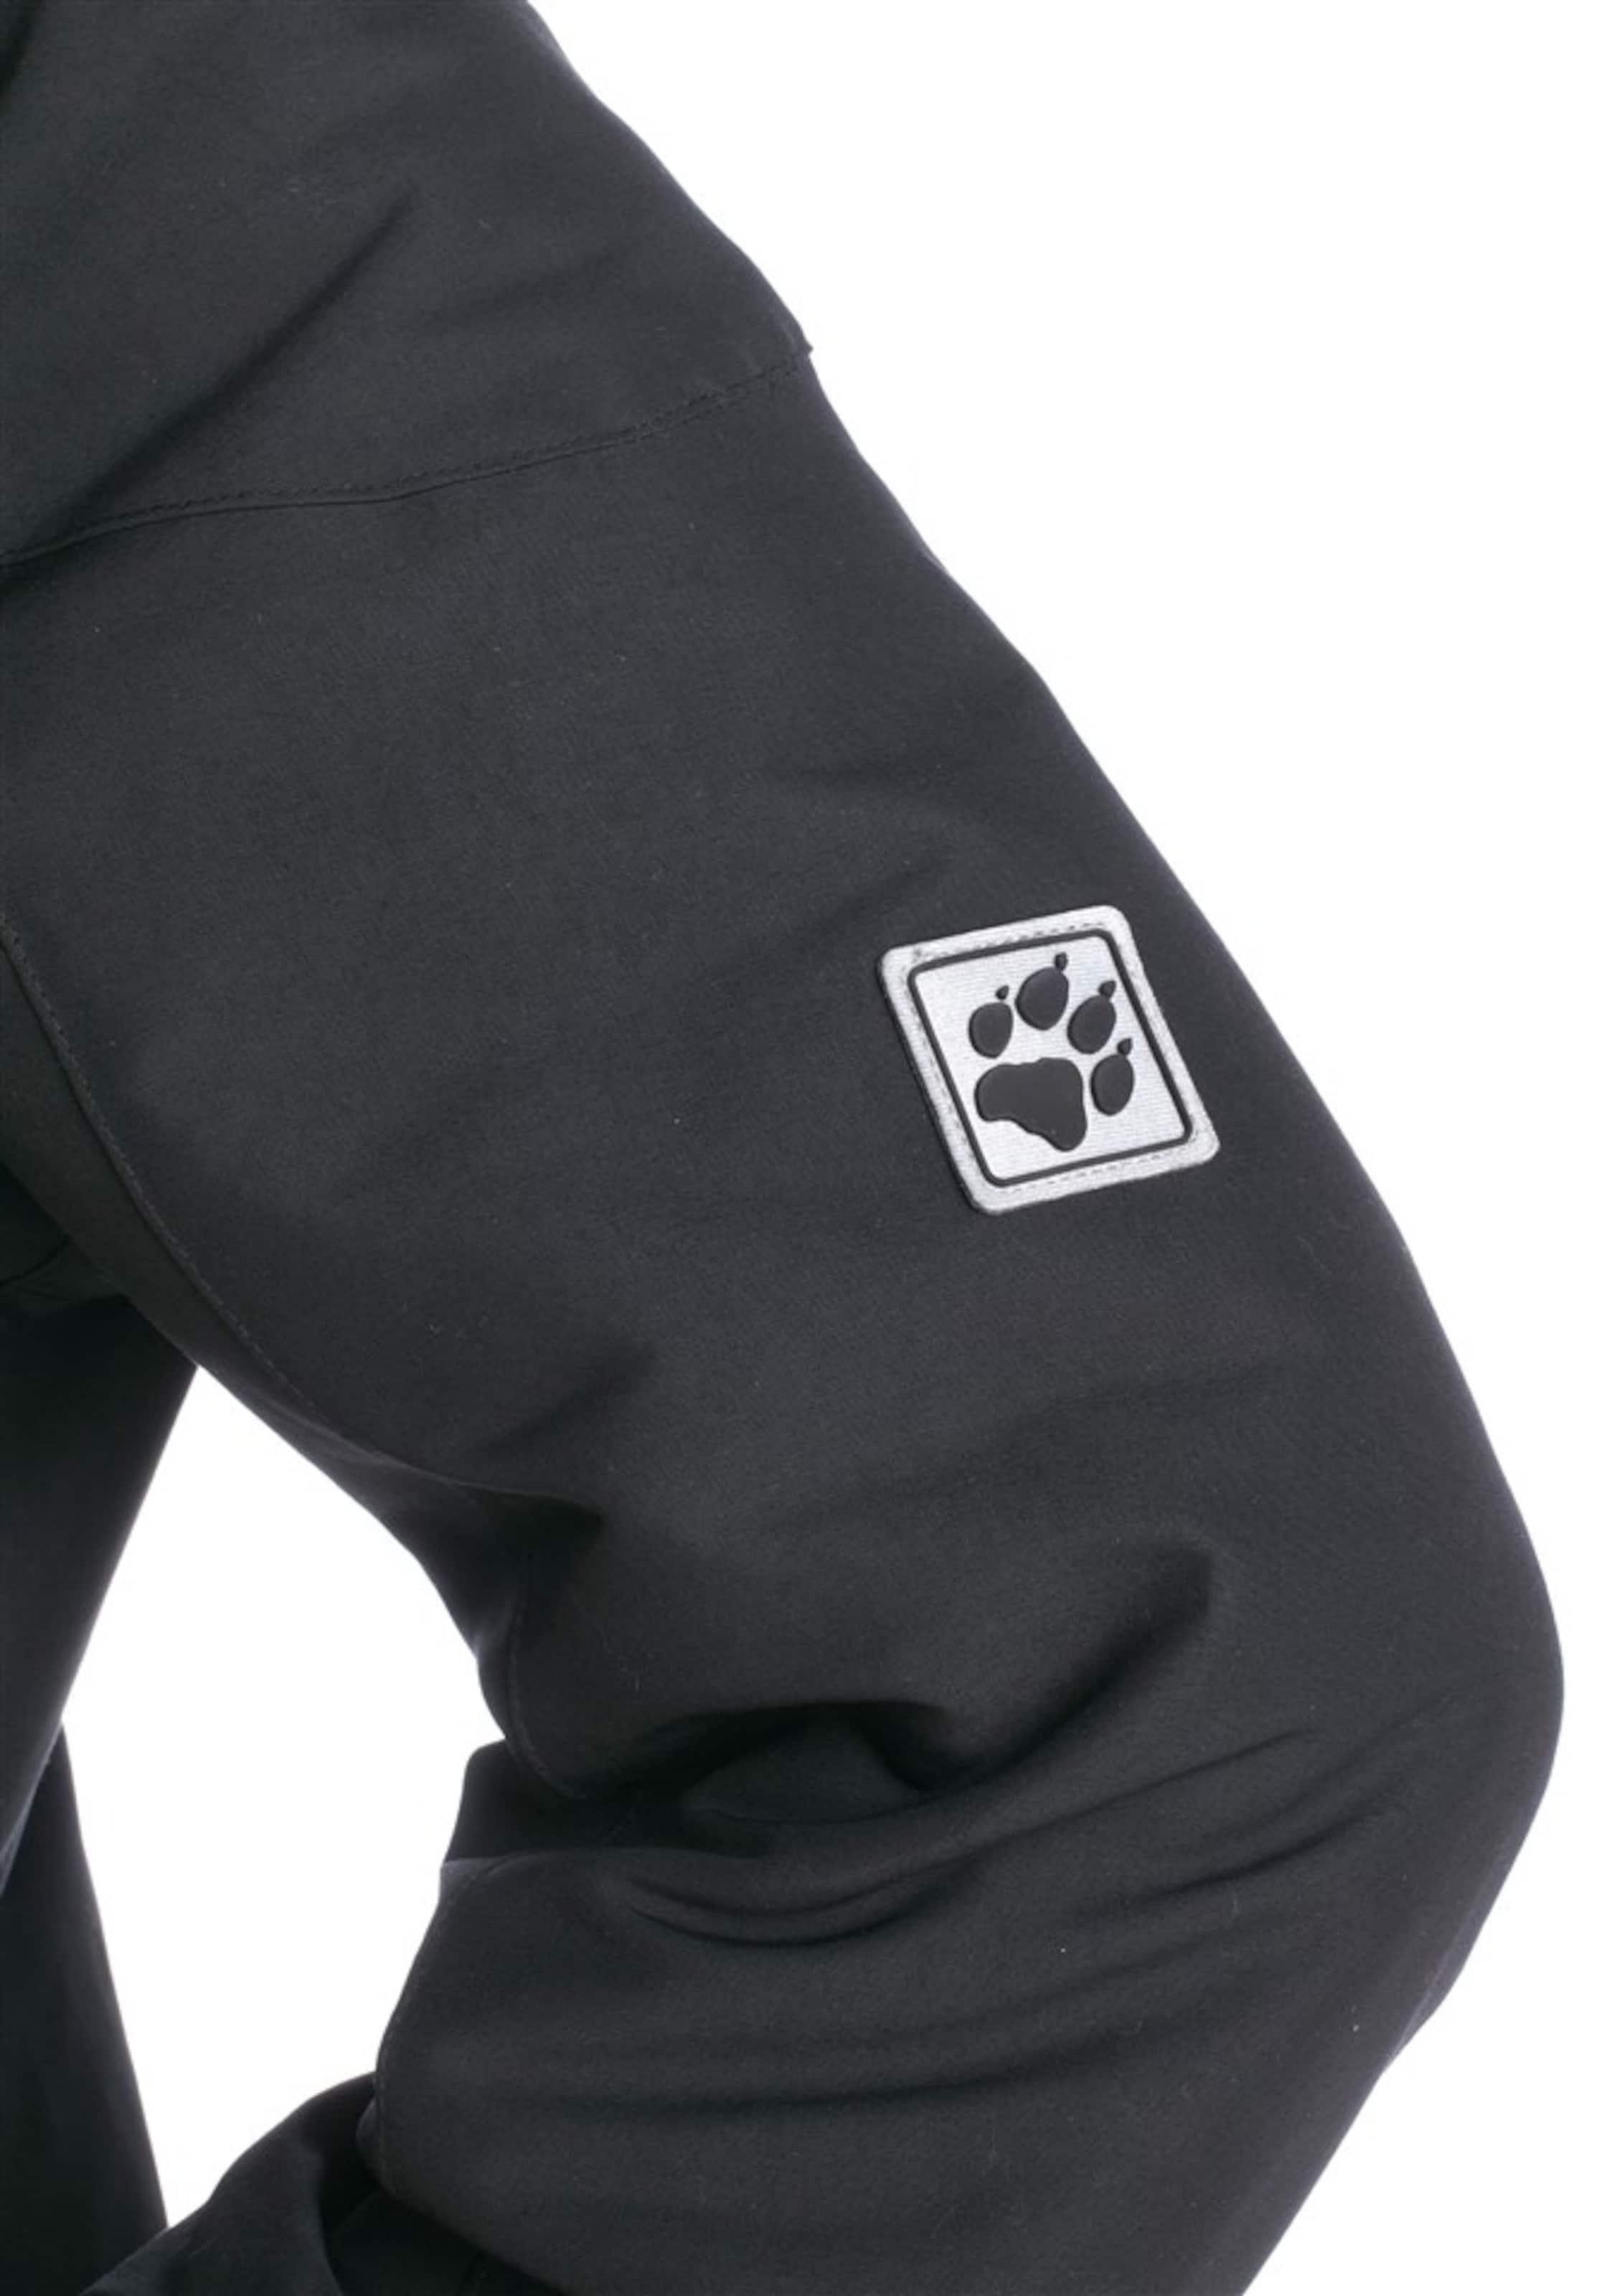 Auslass Extrem Exklusive Verkauf Online JACK WOLFSKIN Ranua Jacket Women Funktionsjacke Neue Ankunft Günstiger Preis Authentisch Zu Verkaufen 7b9Eq5w